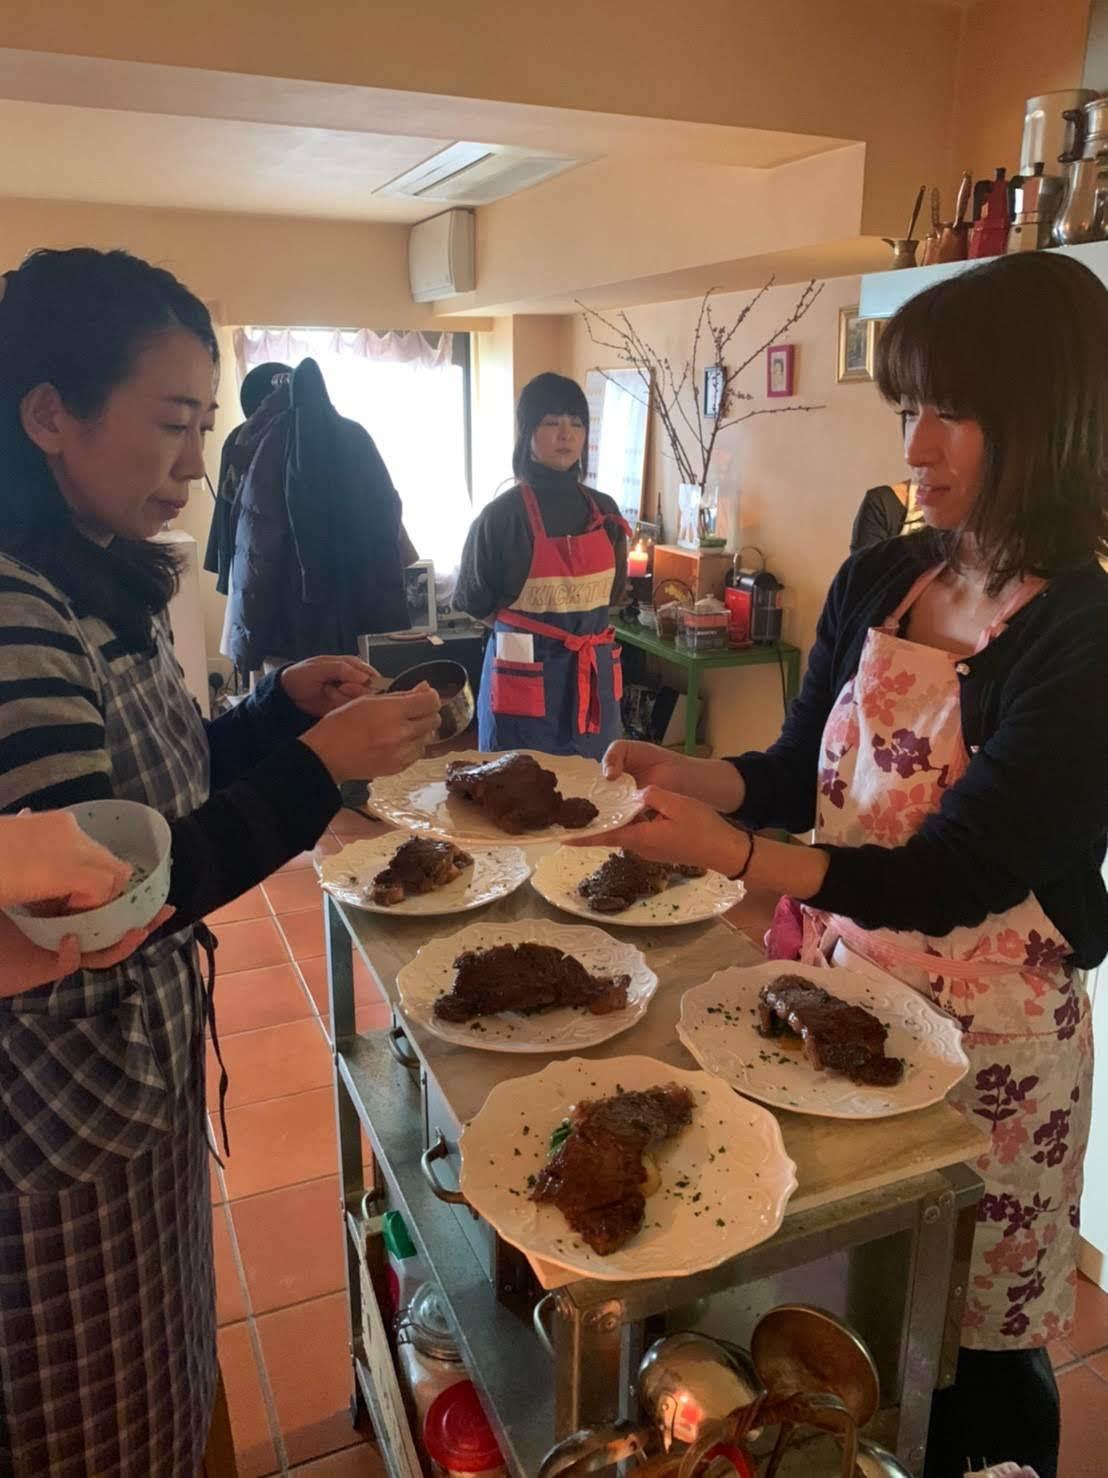 レストラン流、美味しいステーキの焼き方を習いました【サン・ファソン 本多シェフに習うフレンチ】_b0345136_20352410.jpg